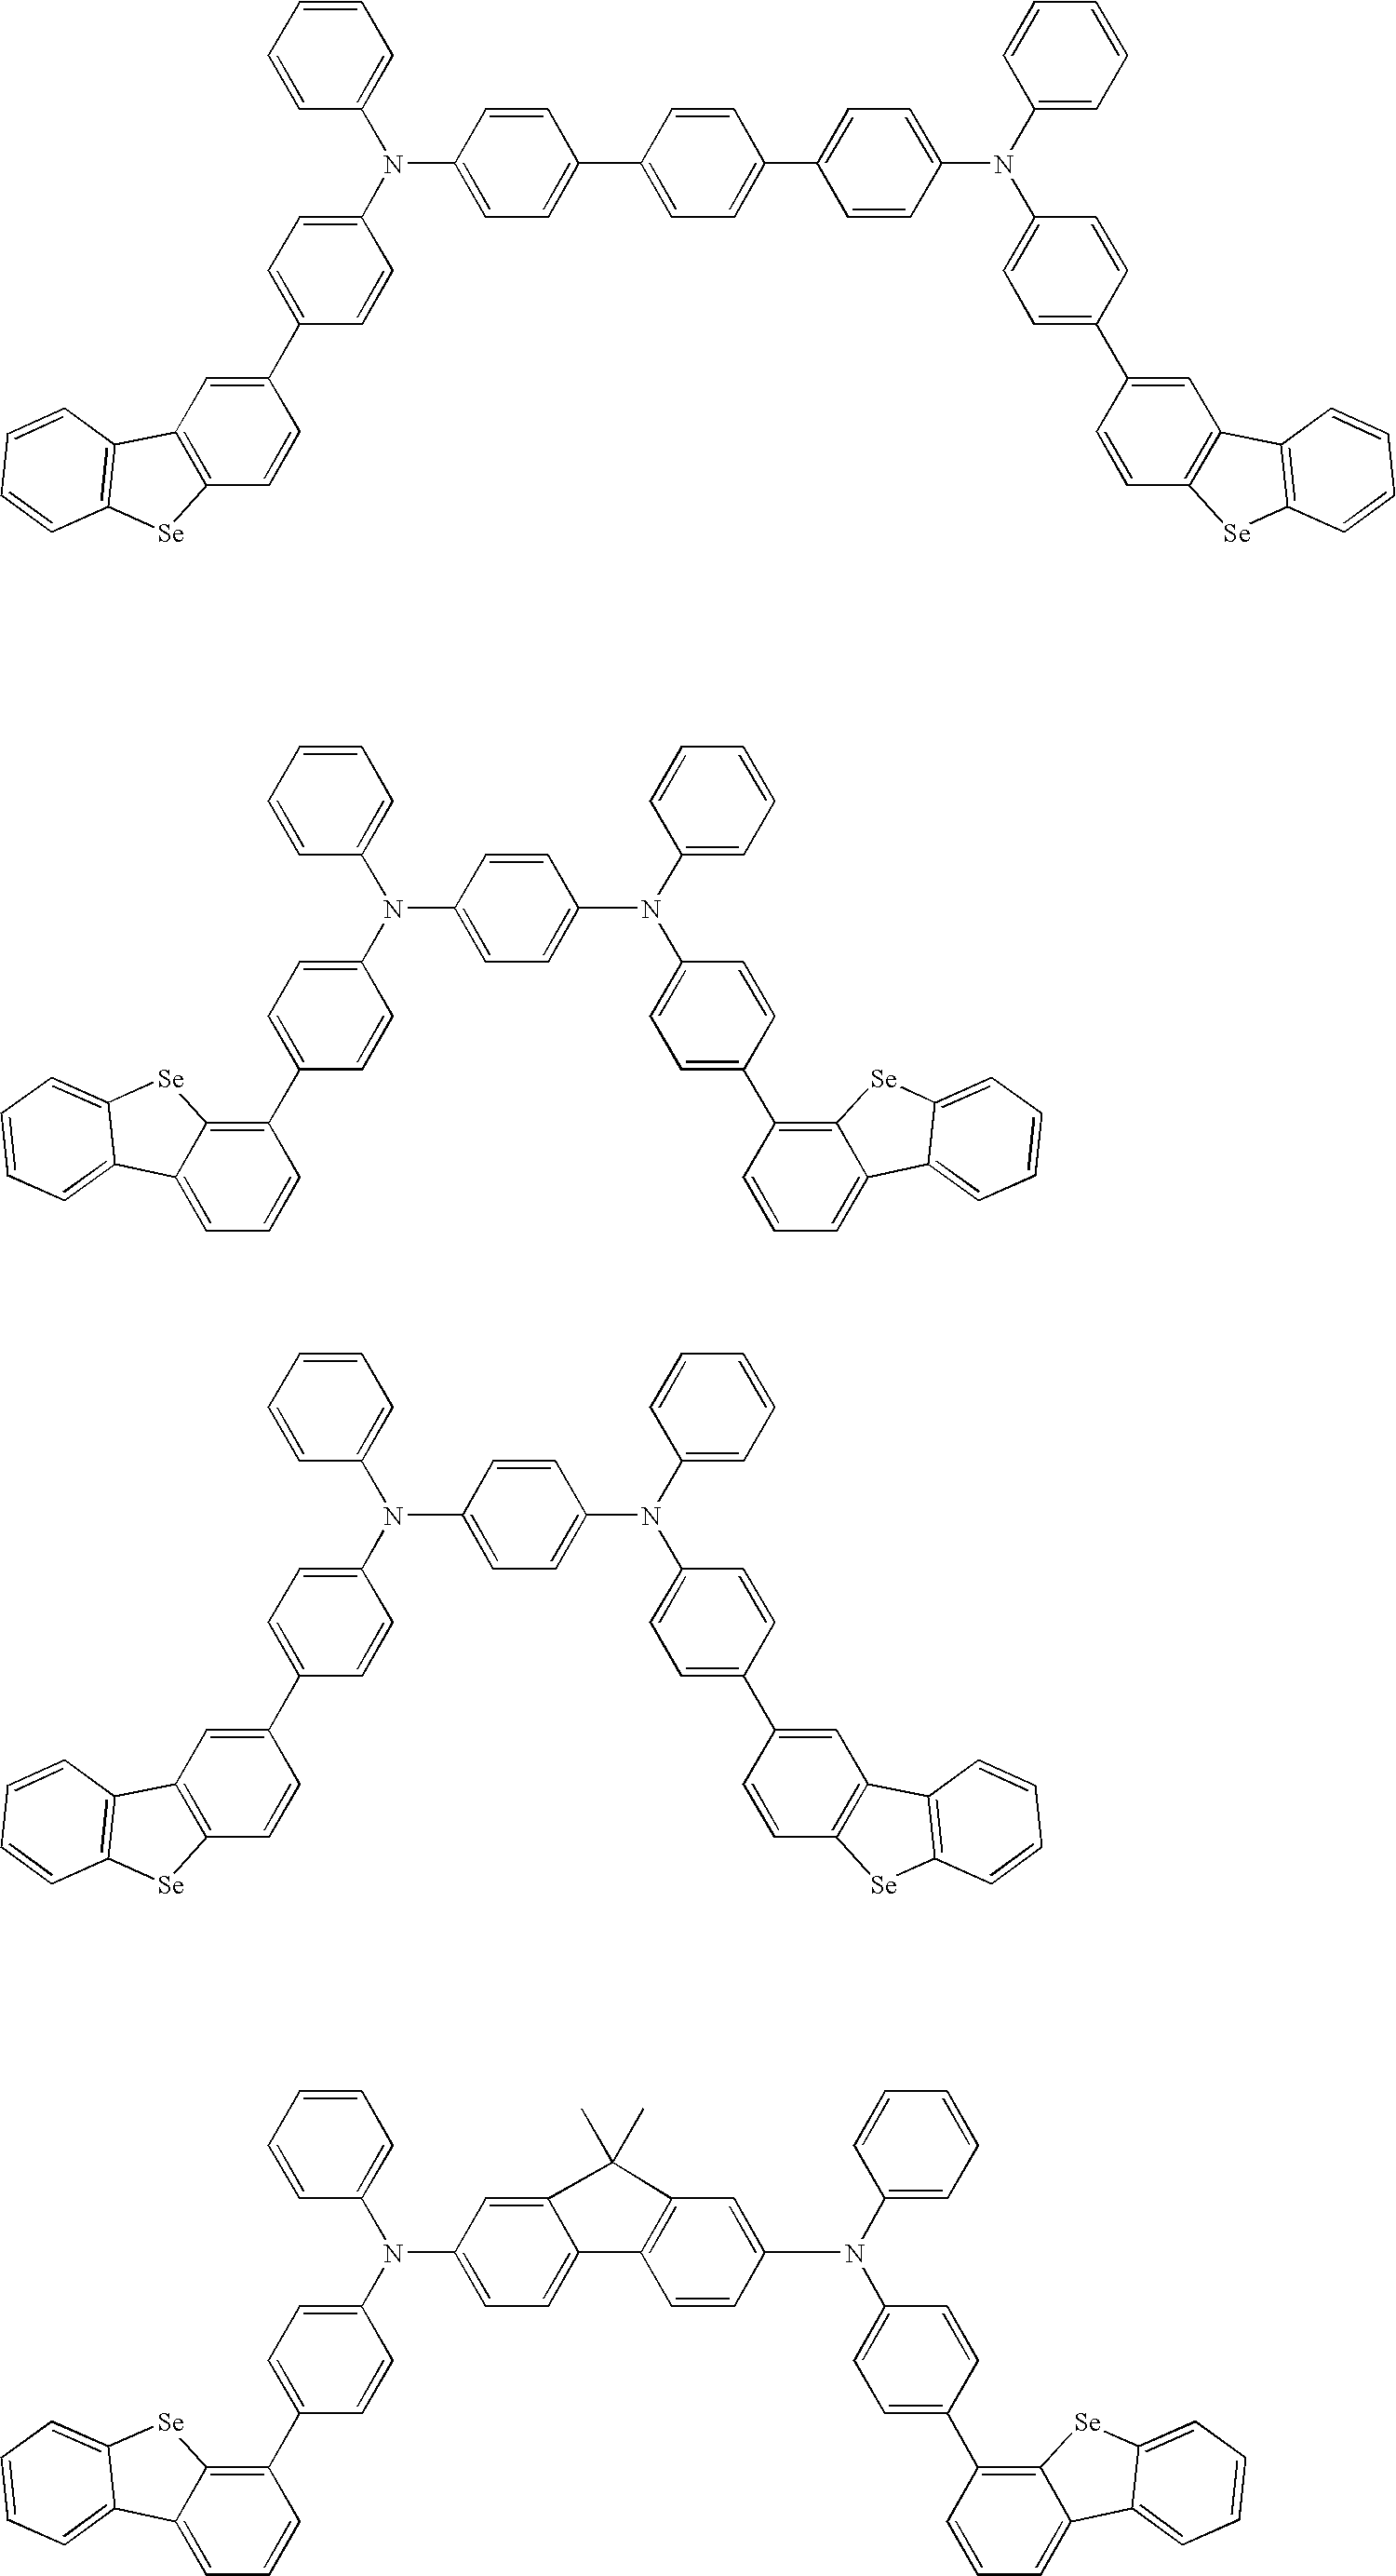 Figure US20100072887A1-20100325-C00016